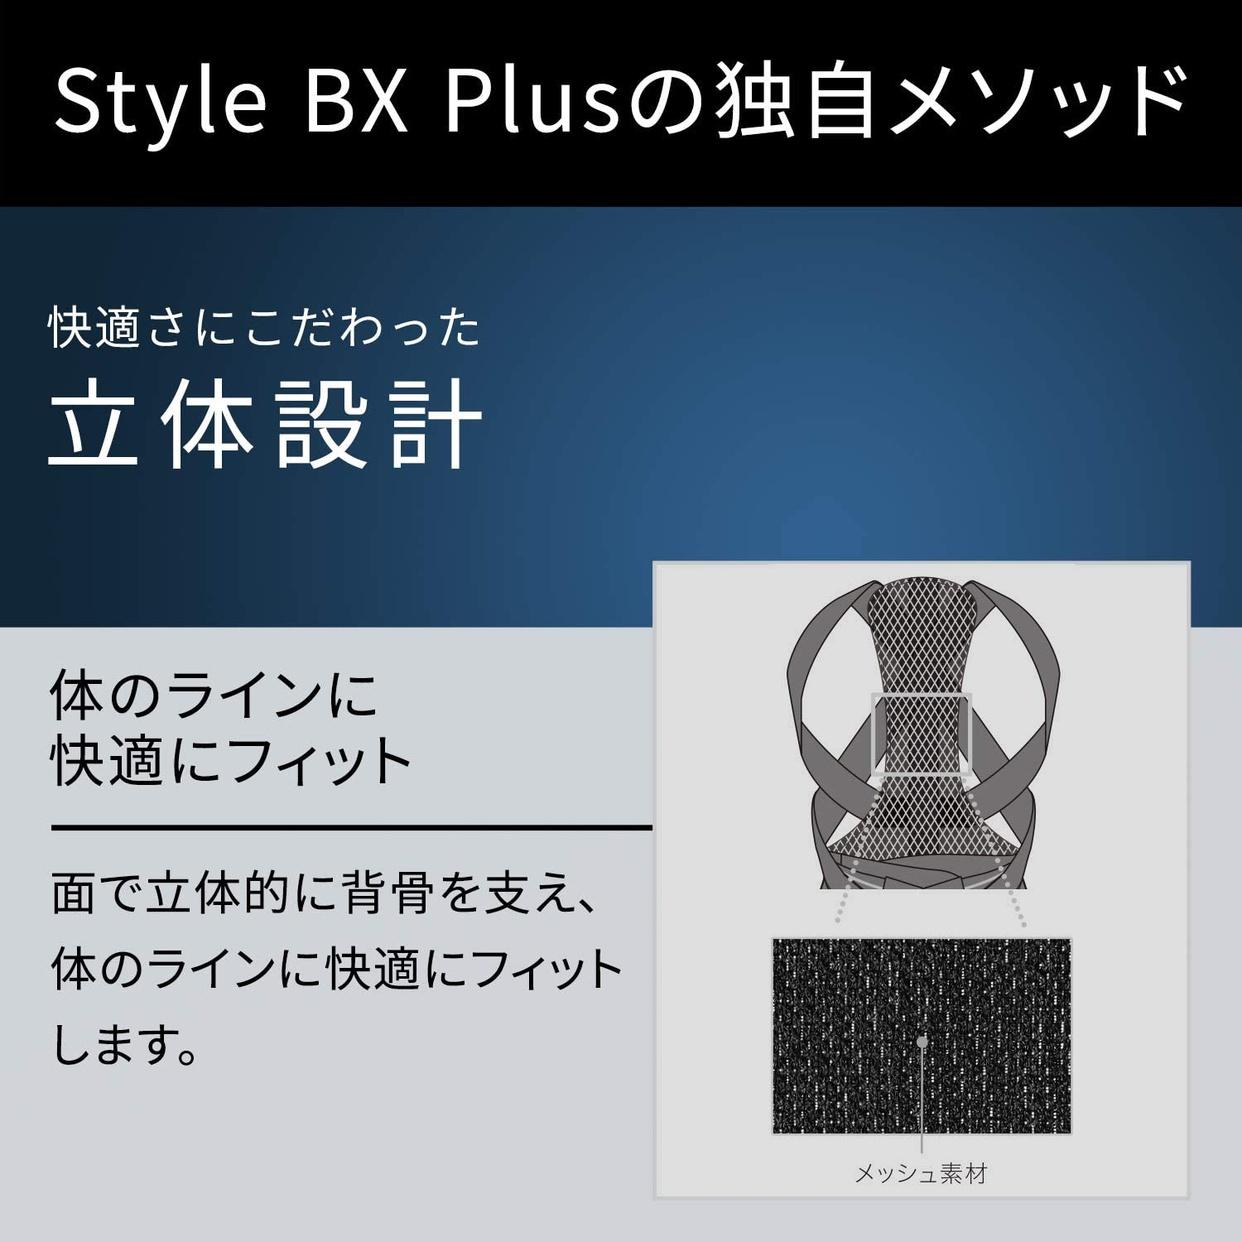 MTG(エムティージー) スタイルビーエックスプラスの商品画像8